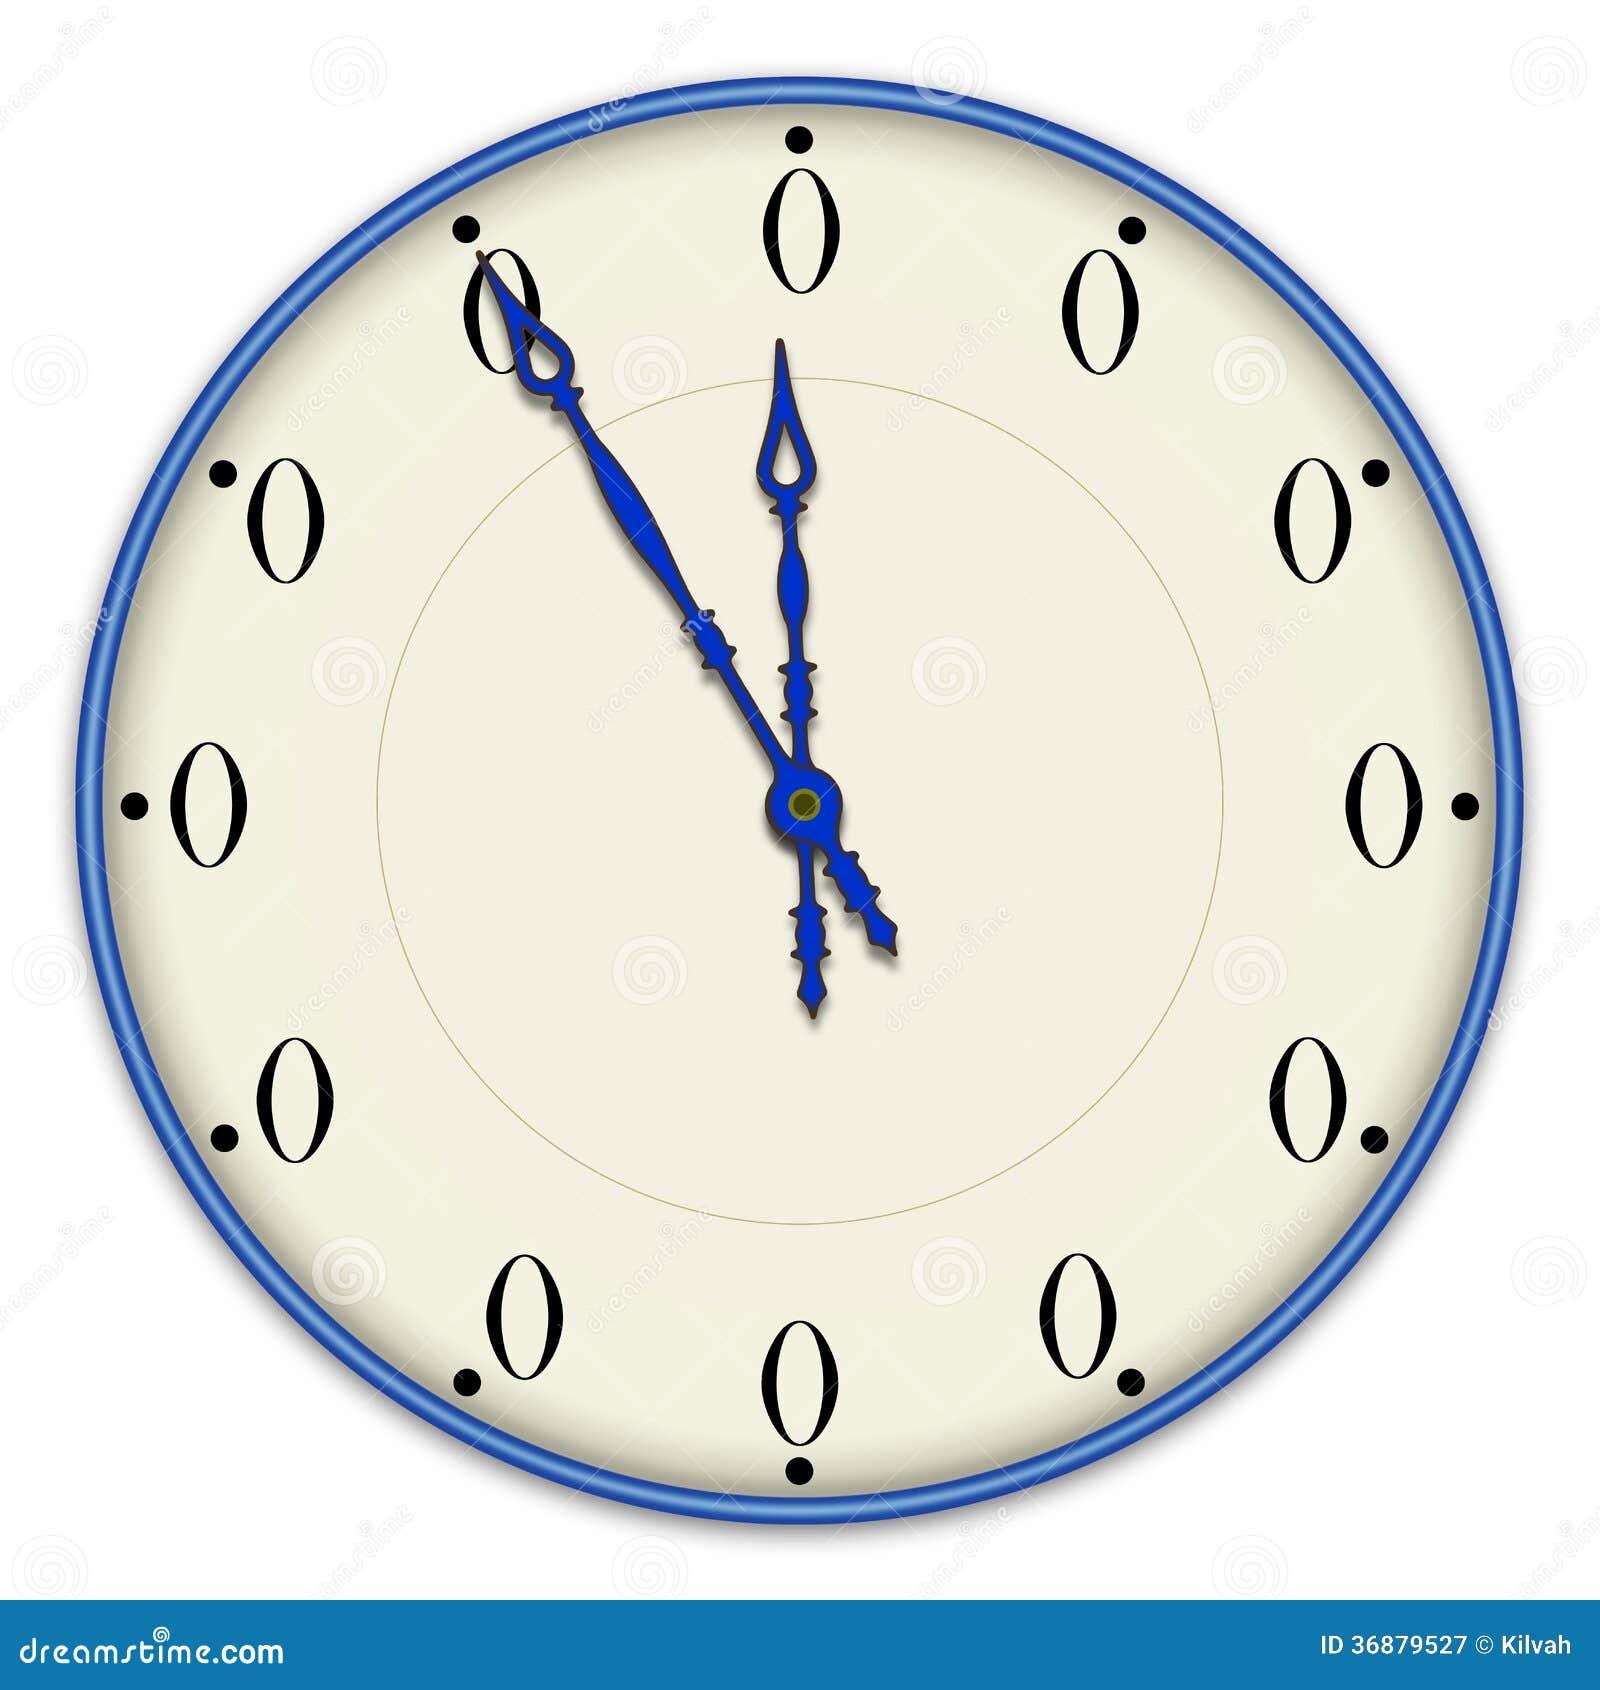 Download Orologio immagine stock. Immagine di ornate, disegno - 36879527